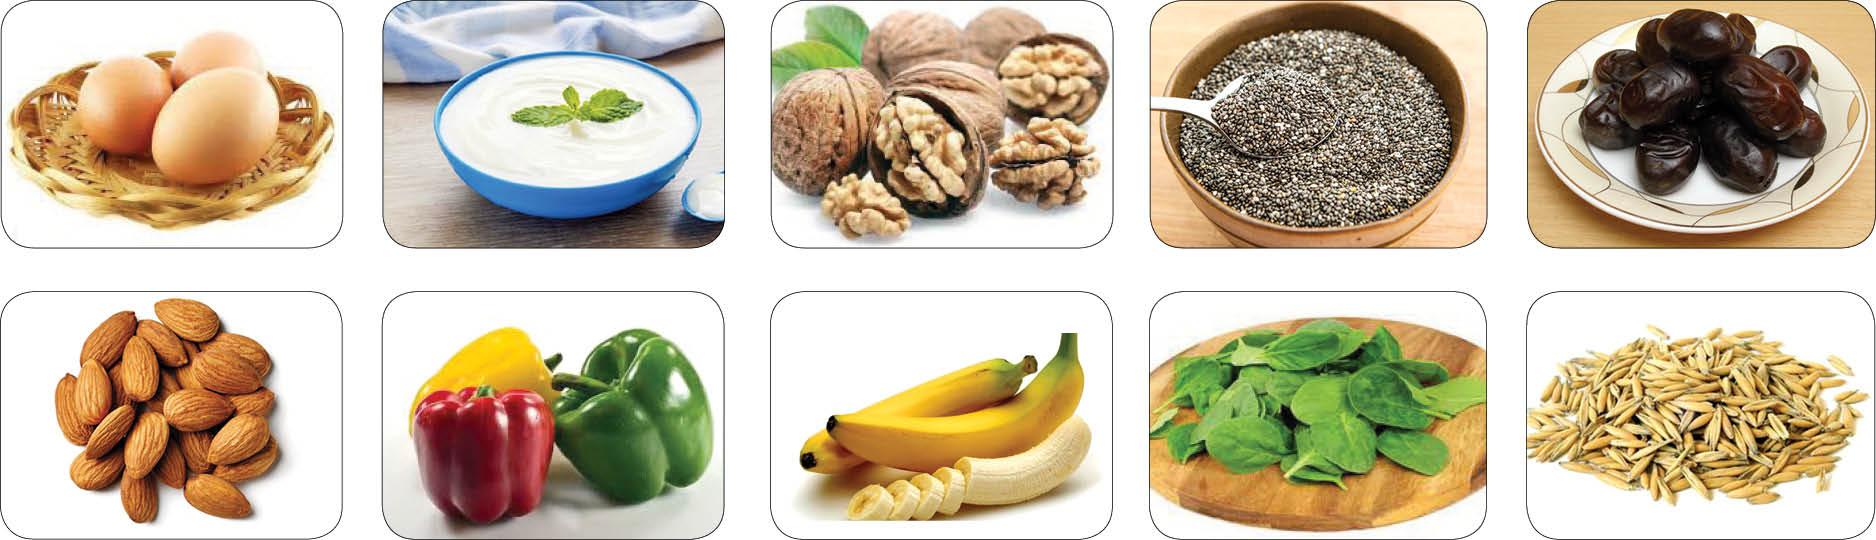 10 خوراکی مقابله کننده با خستگی